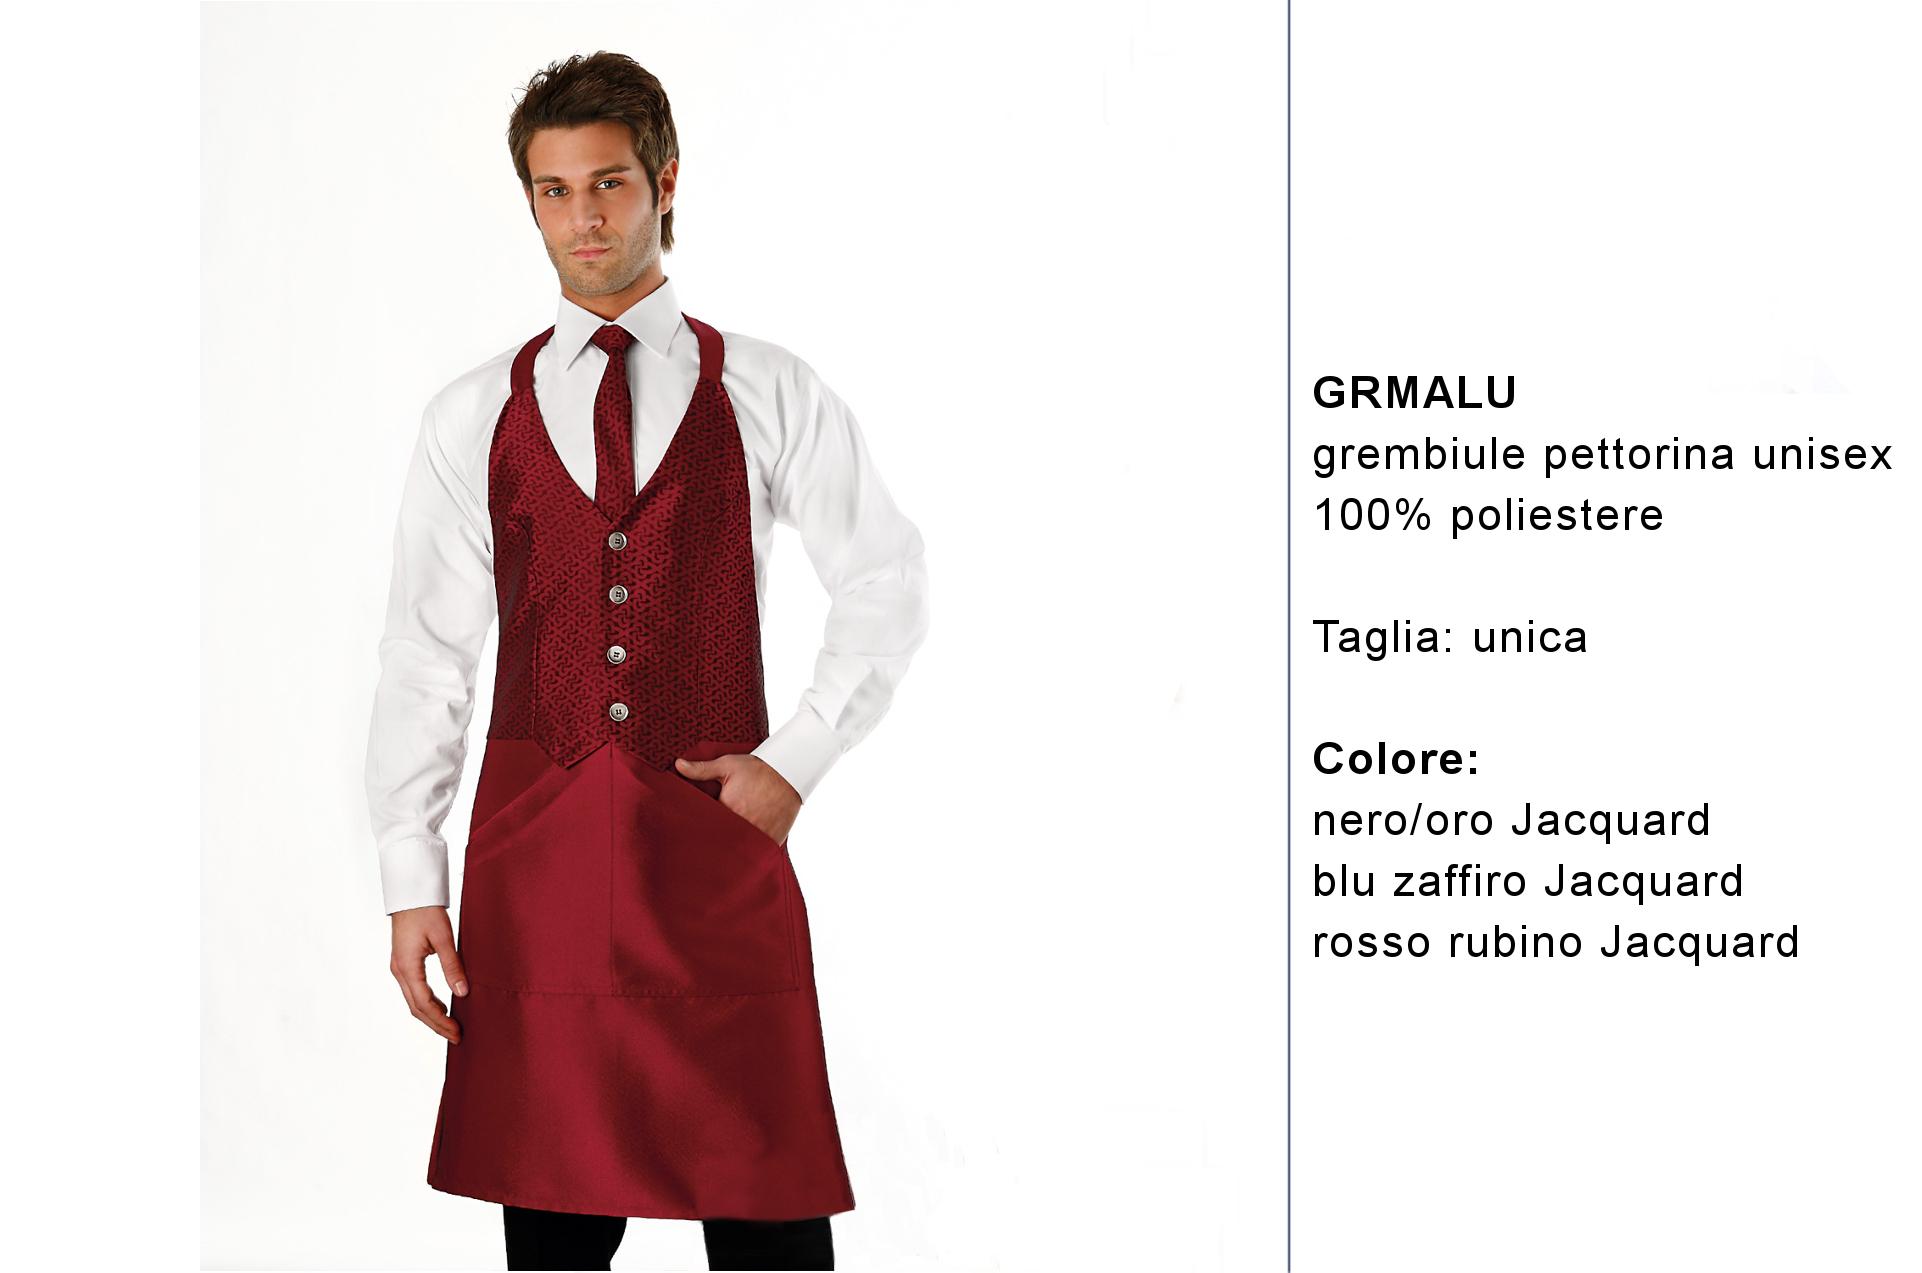 Abbigliamento professionale ristorante | Grembiuli-polo-camicie-pantaloni, Made in Italy .  ‐ Creativity clothingsxwork ‐